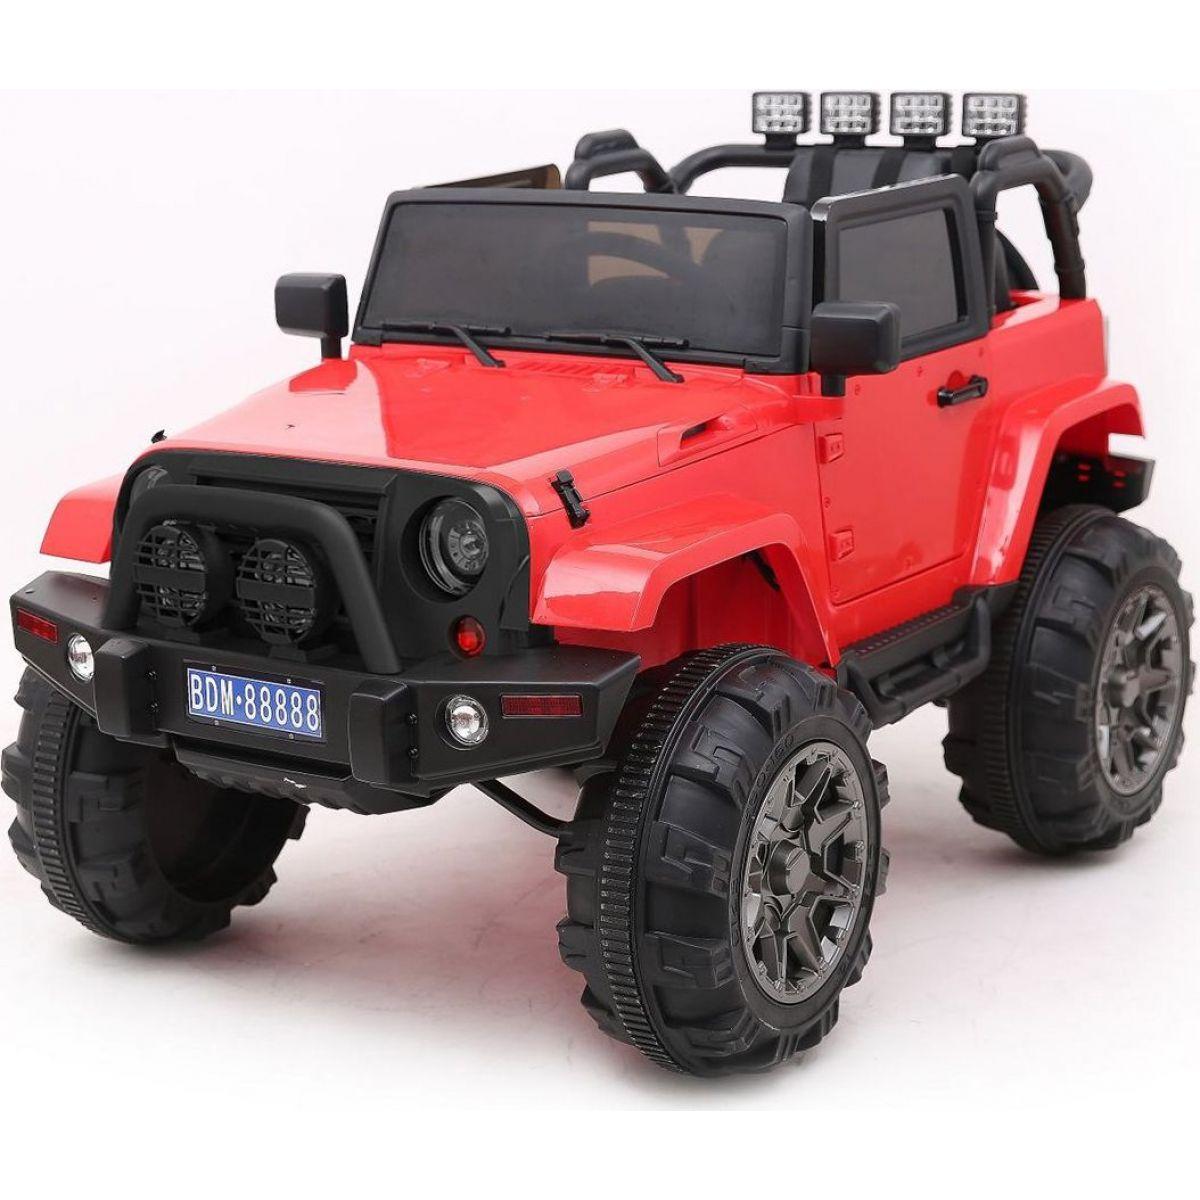 Dětské elektrické auto 2,4ghz magnetické dveře MP3 přehrávač s rádiem červené